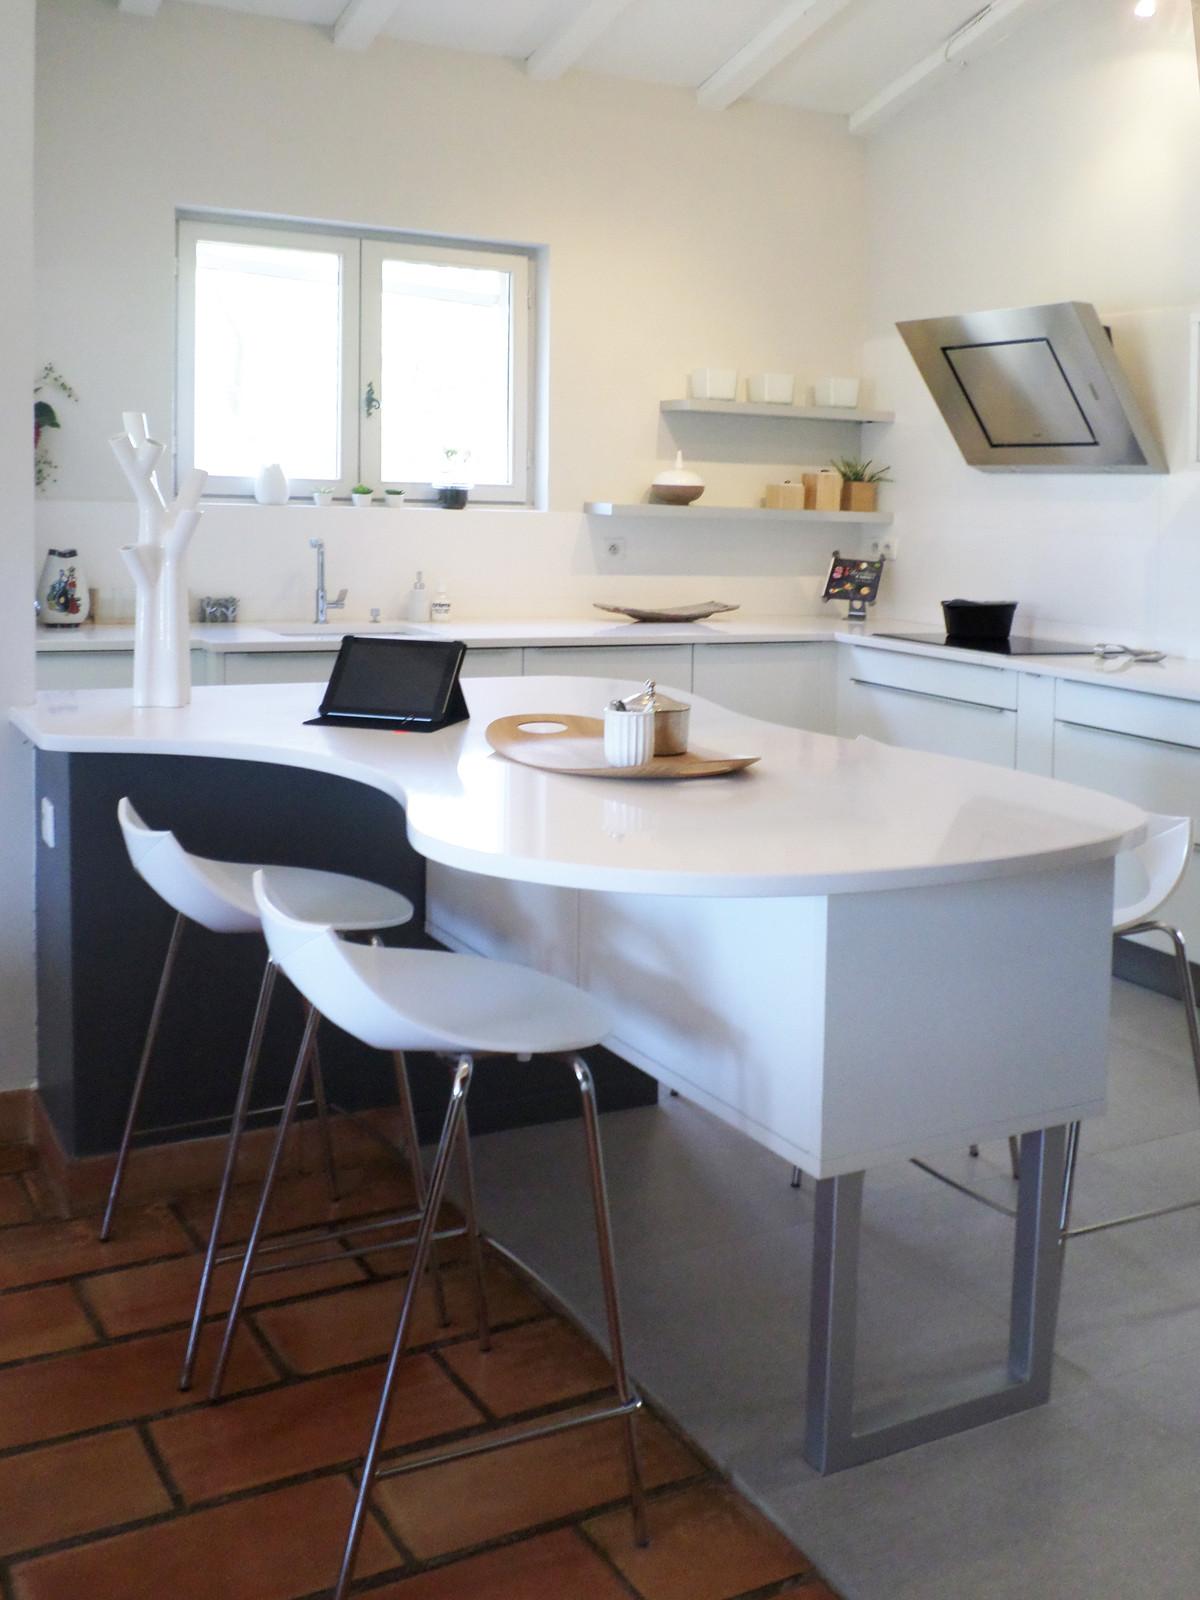 Architecte D 39;interieur Construction Maison | Comment Transformer ...